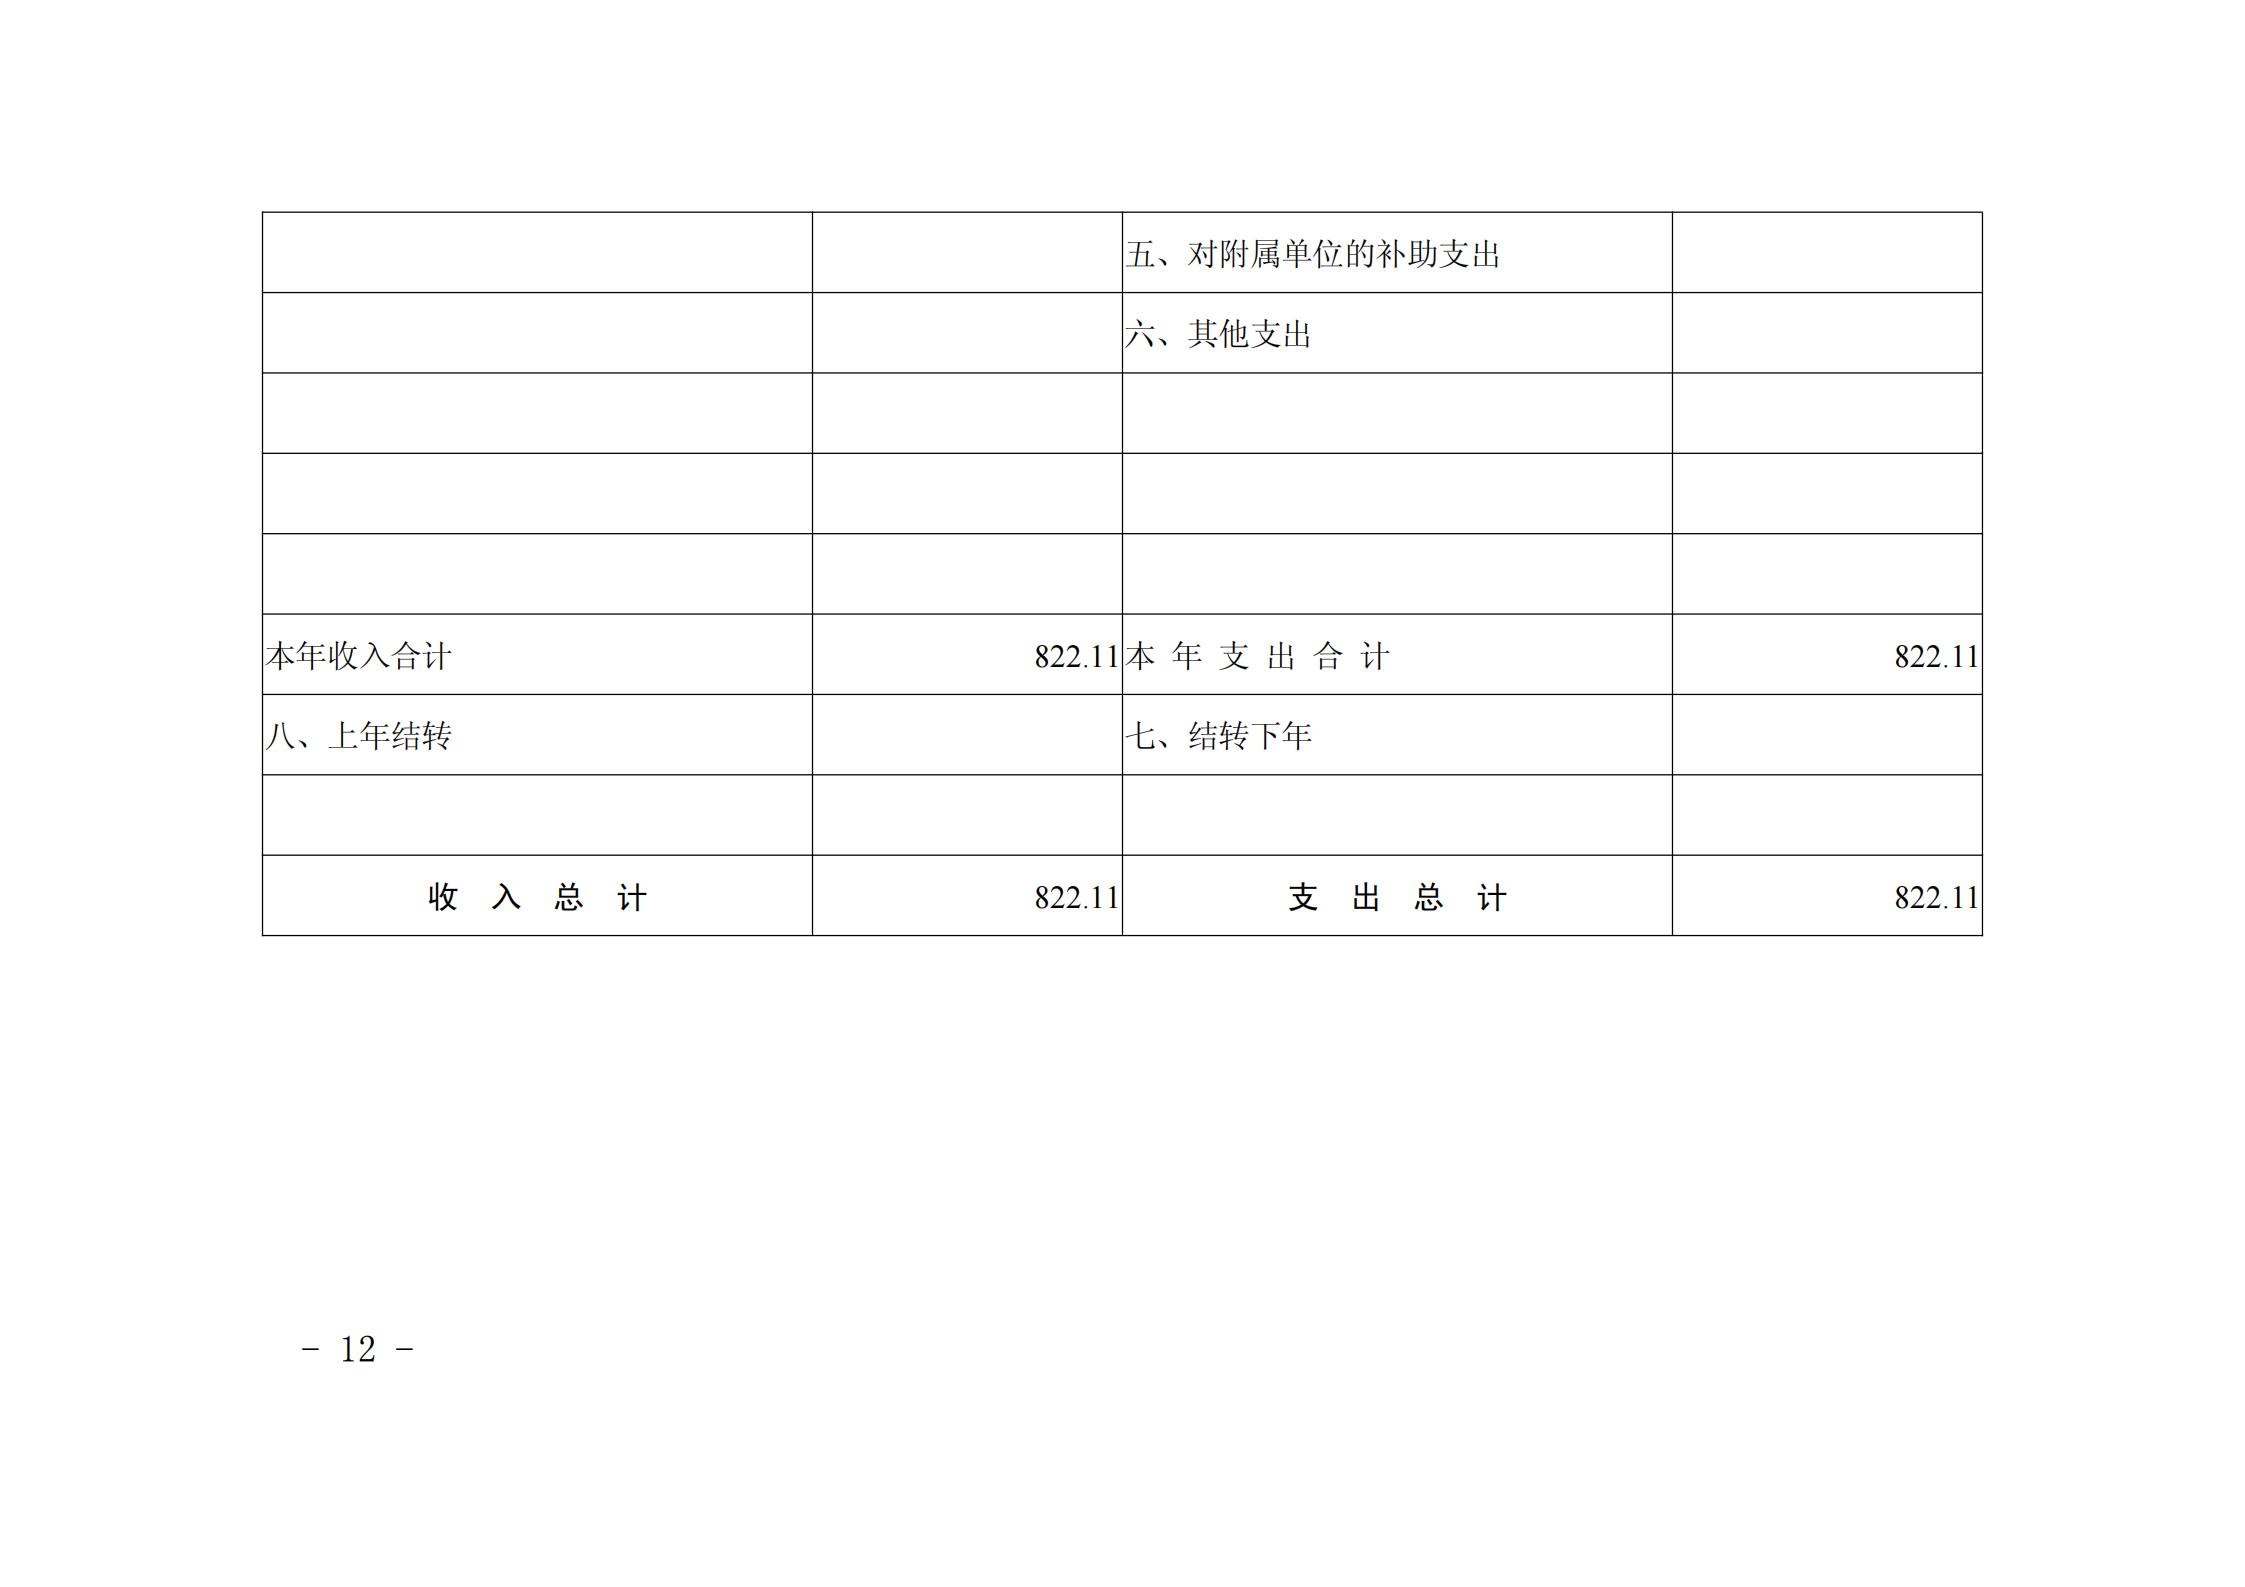 """贵阳市青少年宫2021年度市级部门预算、""""三公""""经费预算公开说明_11.png"""